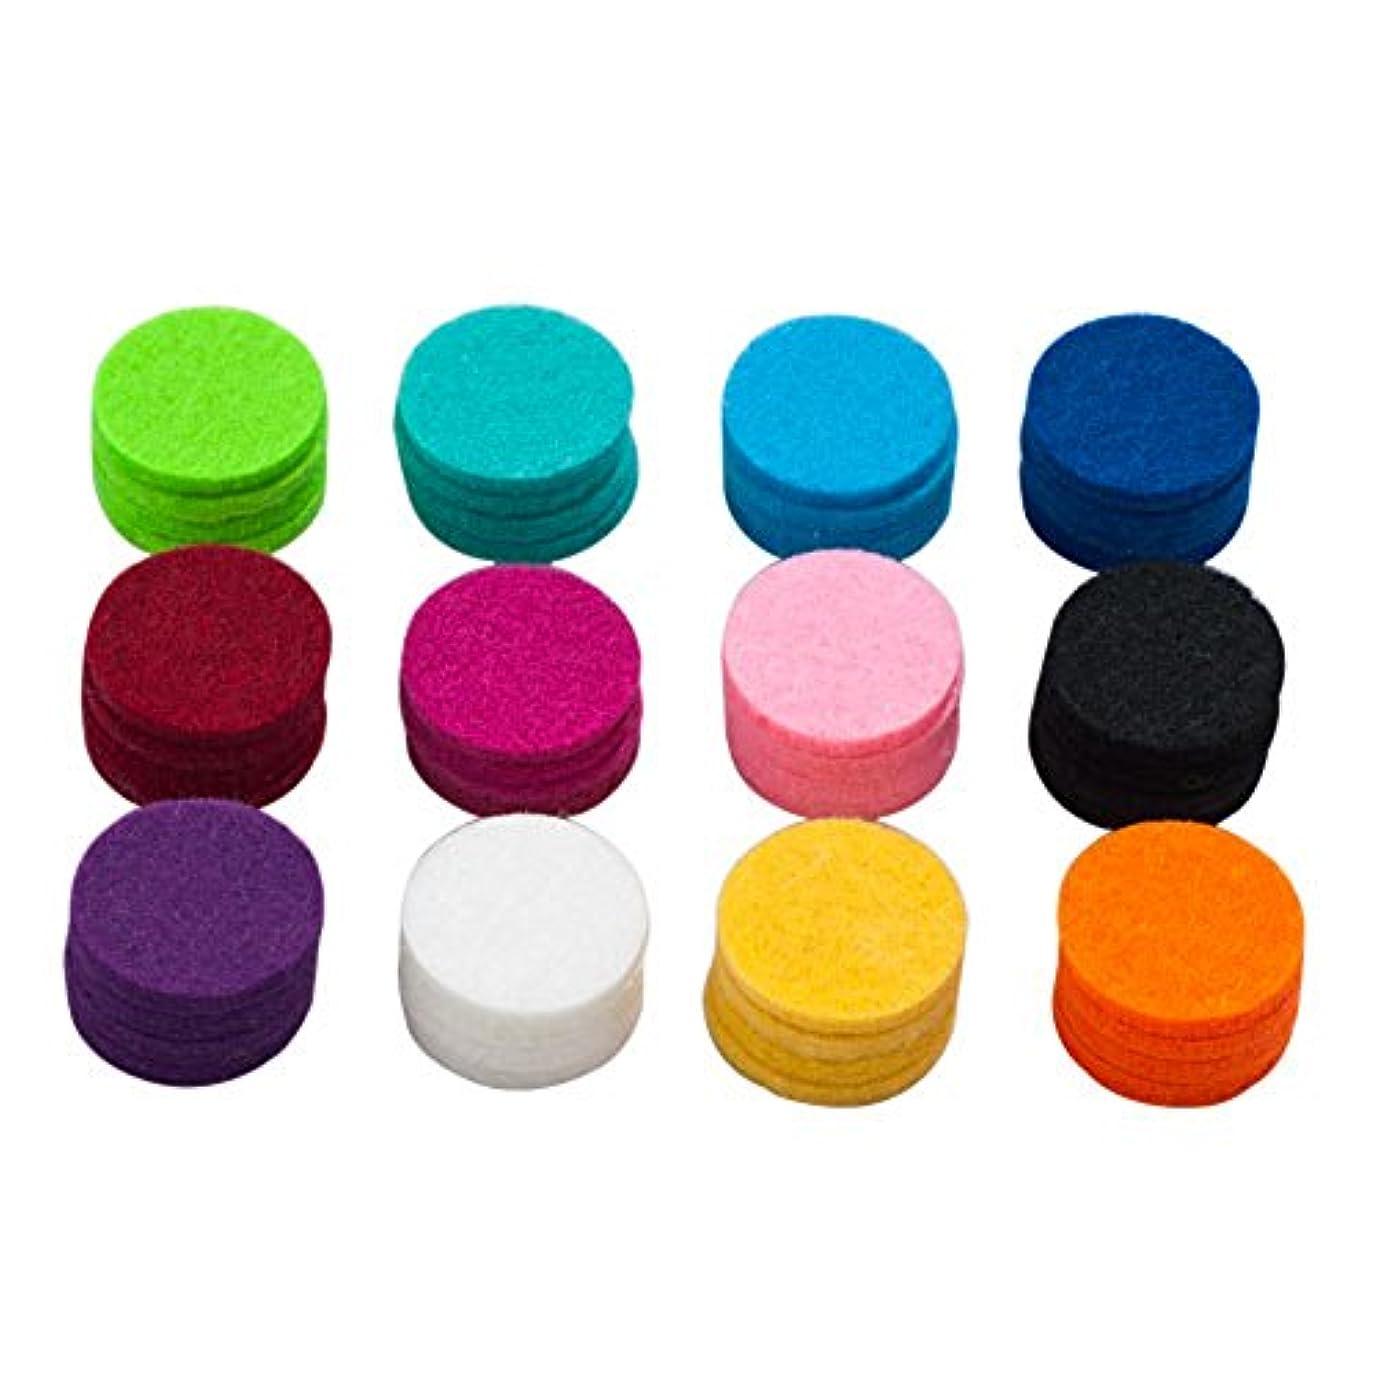 要求観光に行く学期lovelycharms Aromatherapy Essential Oil DiffuserネックレスRefill Pads for 30 mmロケットネックレス